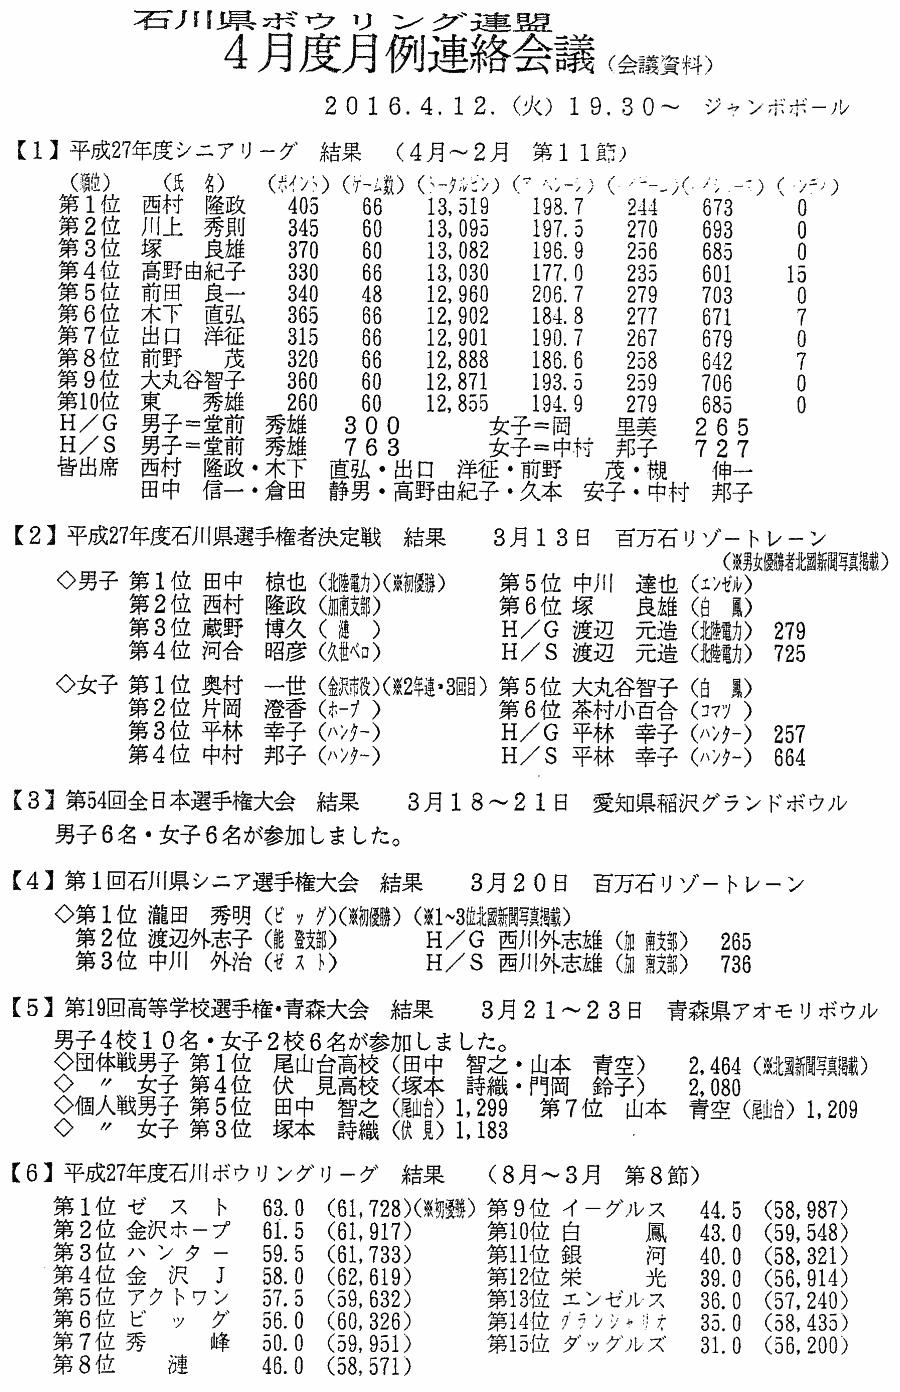 ����Ϣ���� 2016ǯ04��_01